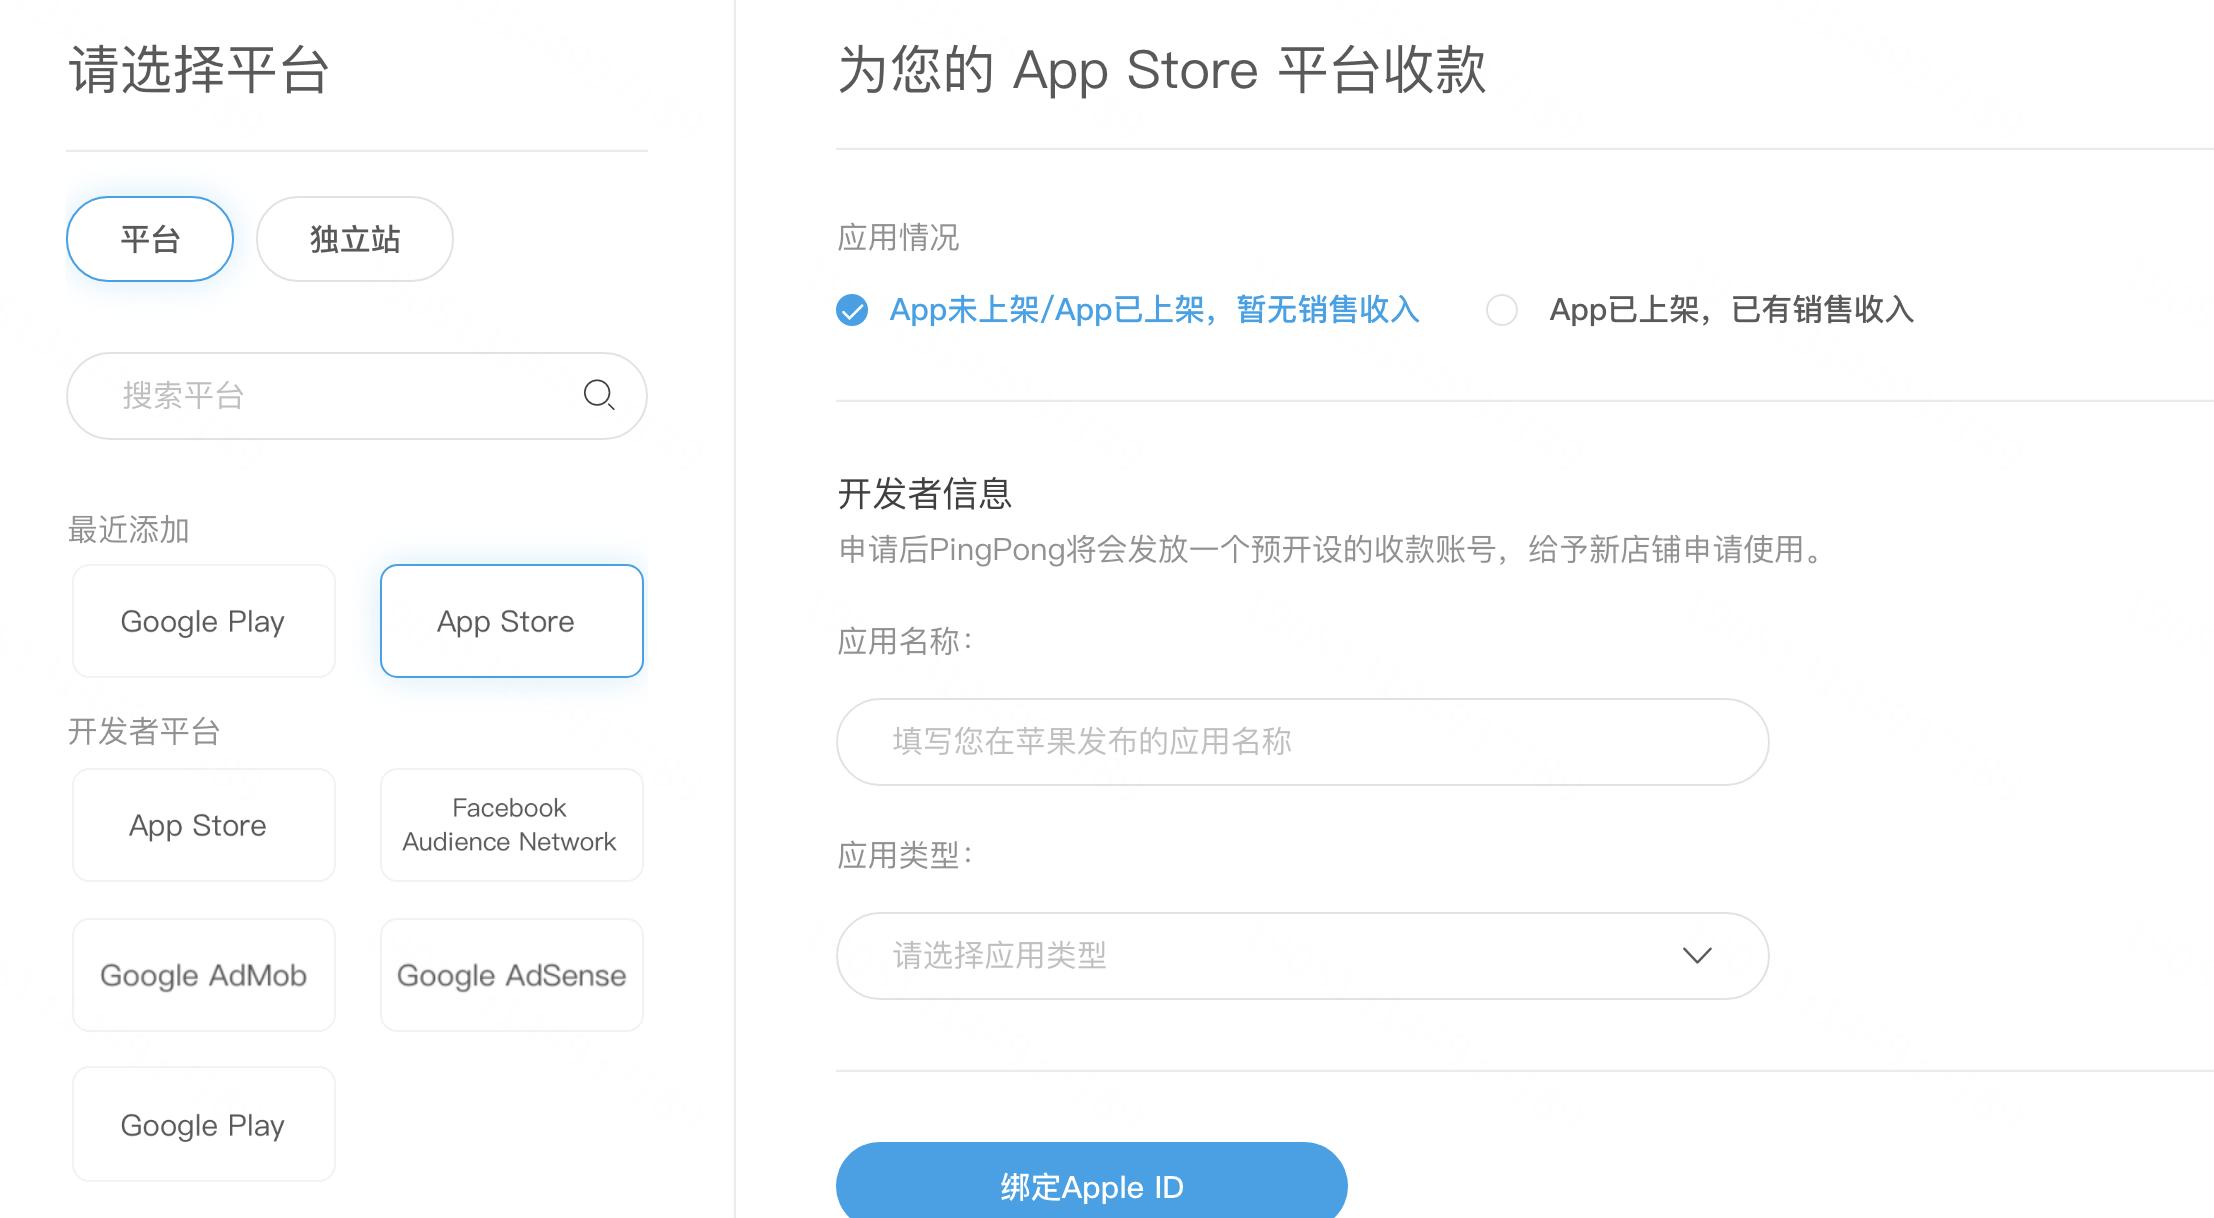 个人开发者App Store收款